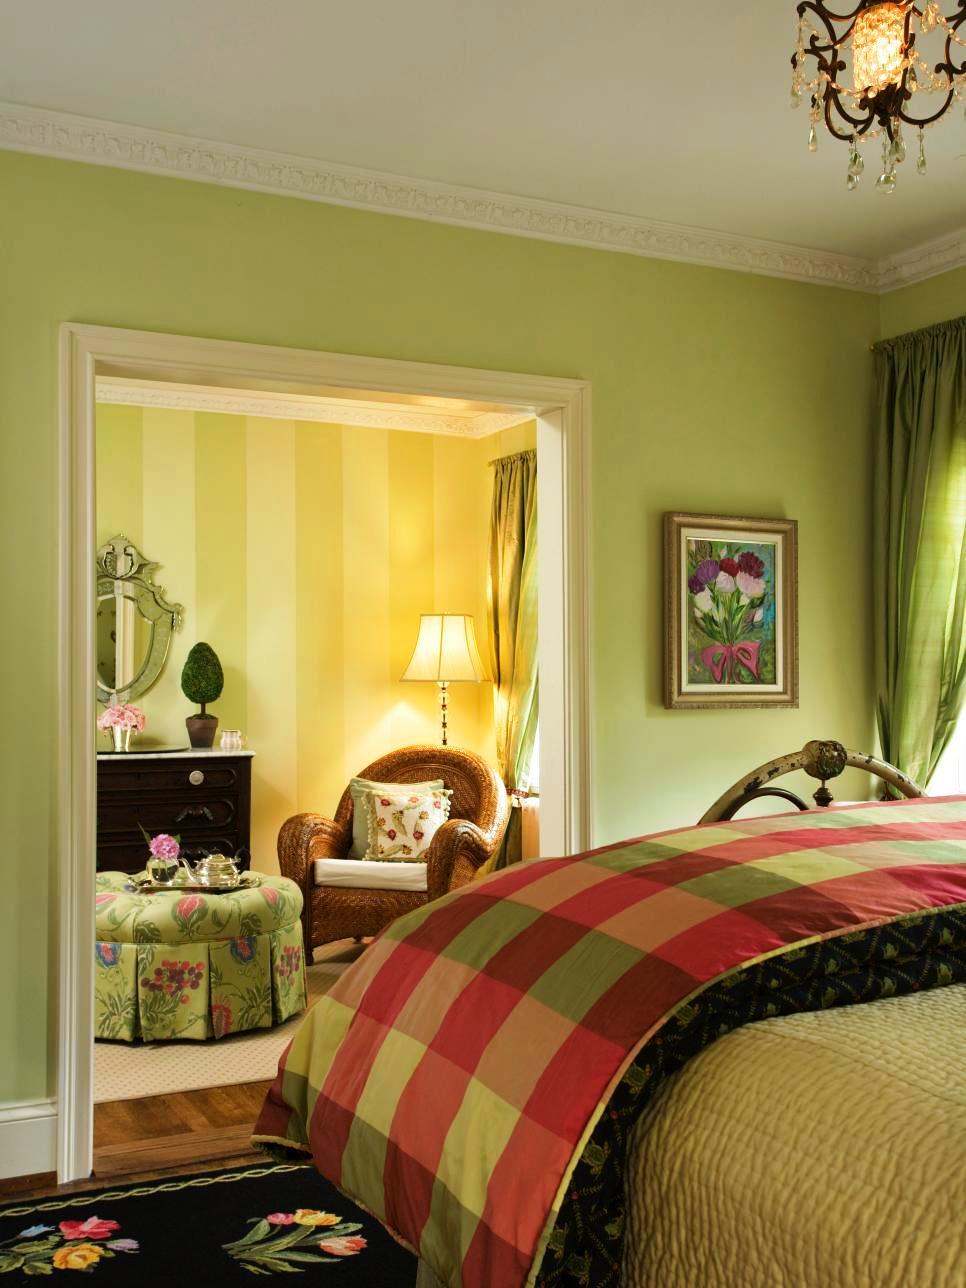 40 Amazing Pastel Colored Bedroom Ideas on Small Room Pallet Bedroom Ideas  id=80439